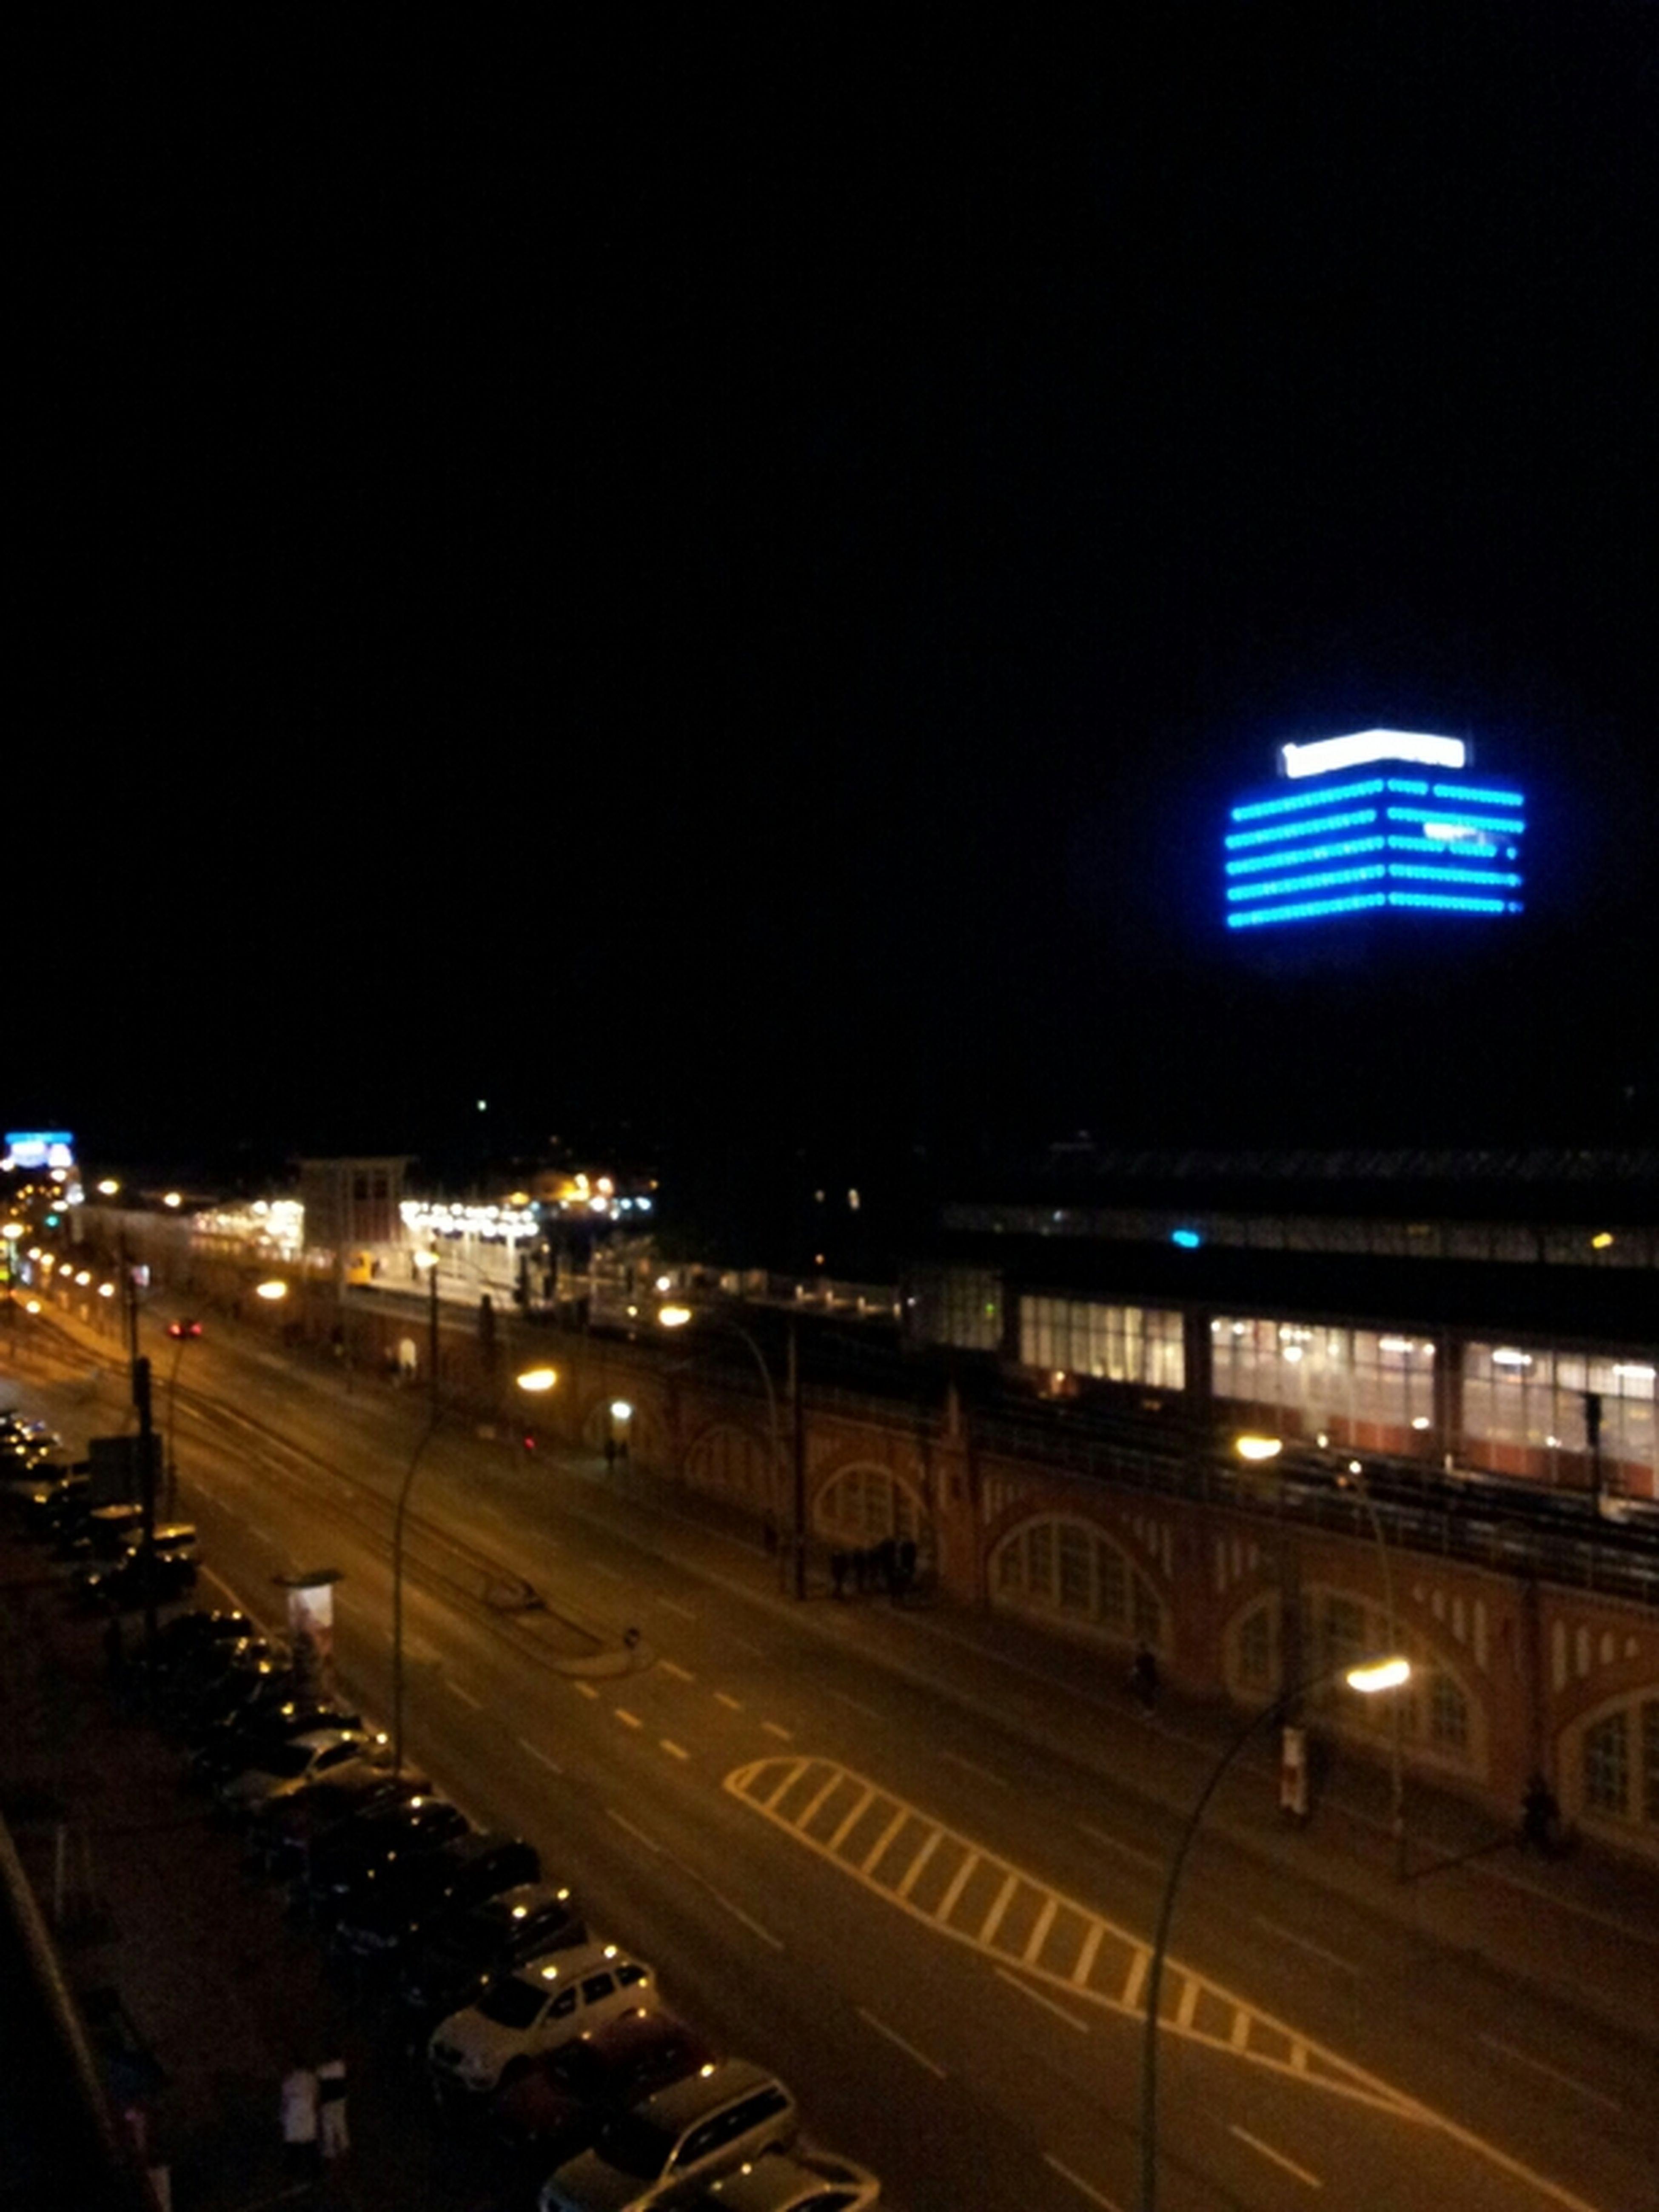 berlin at night! so charming! Berlin